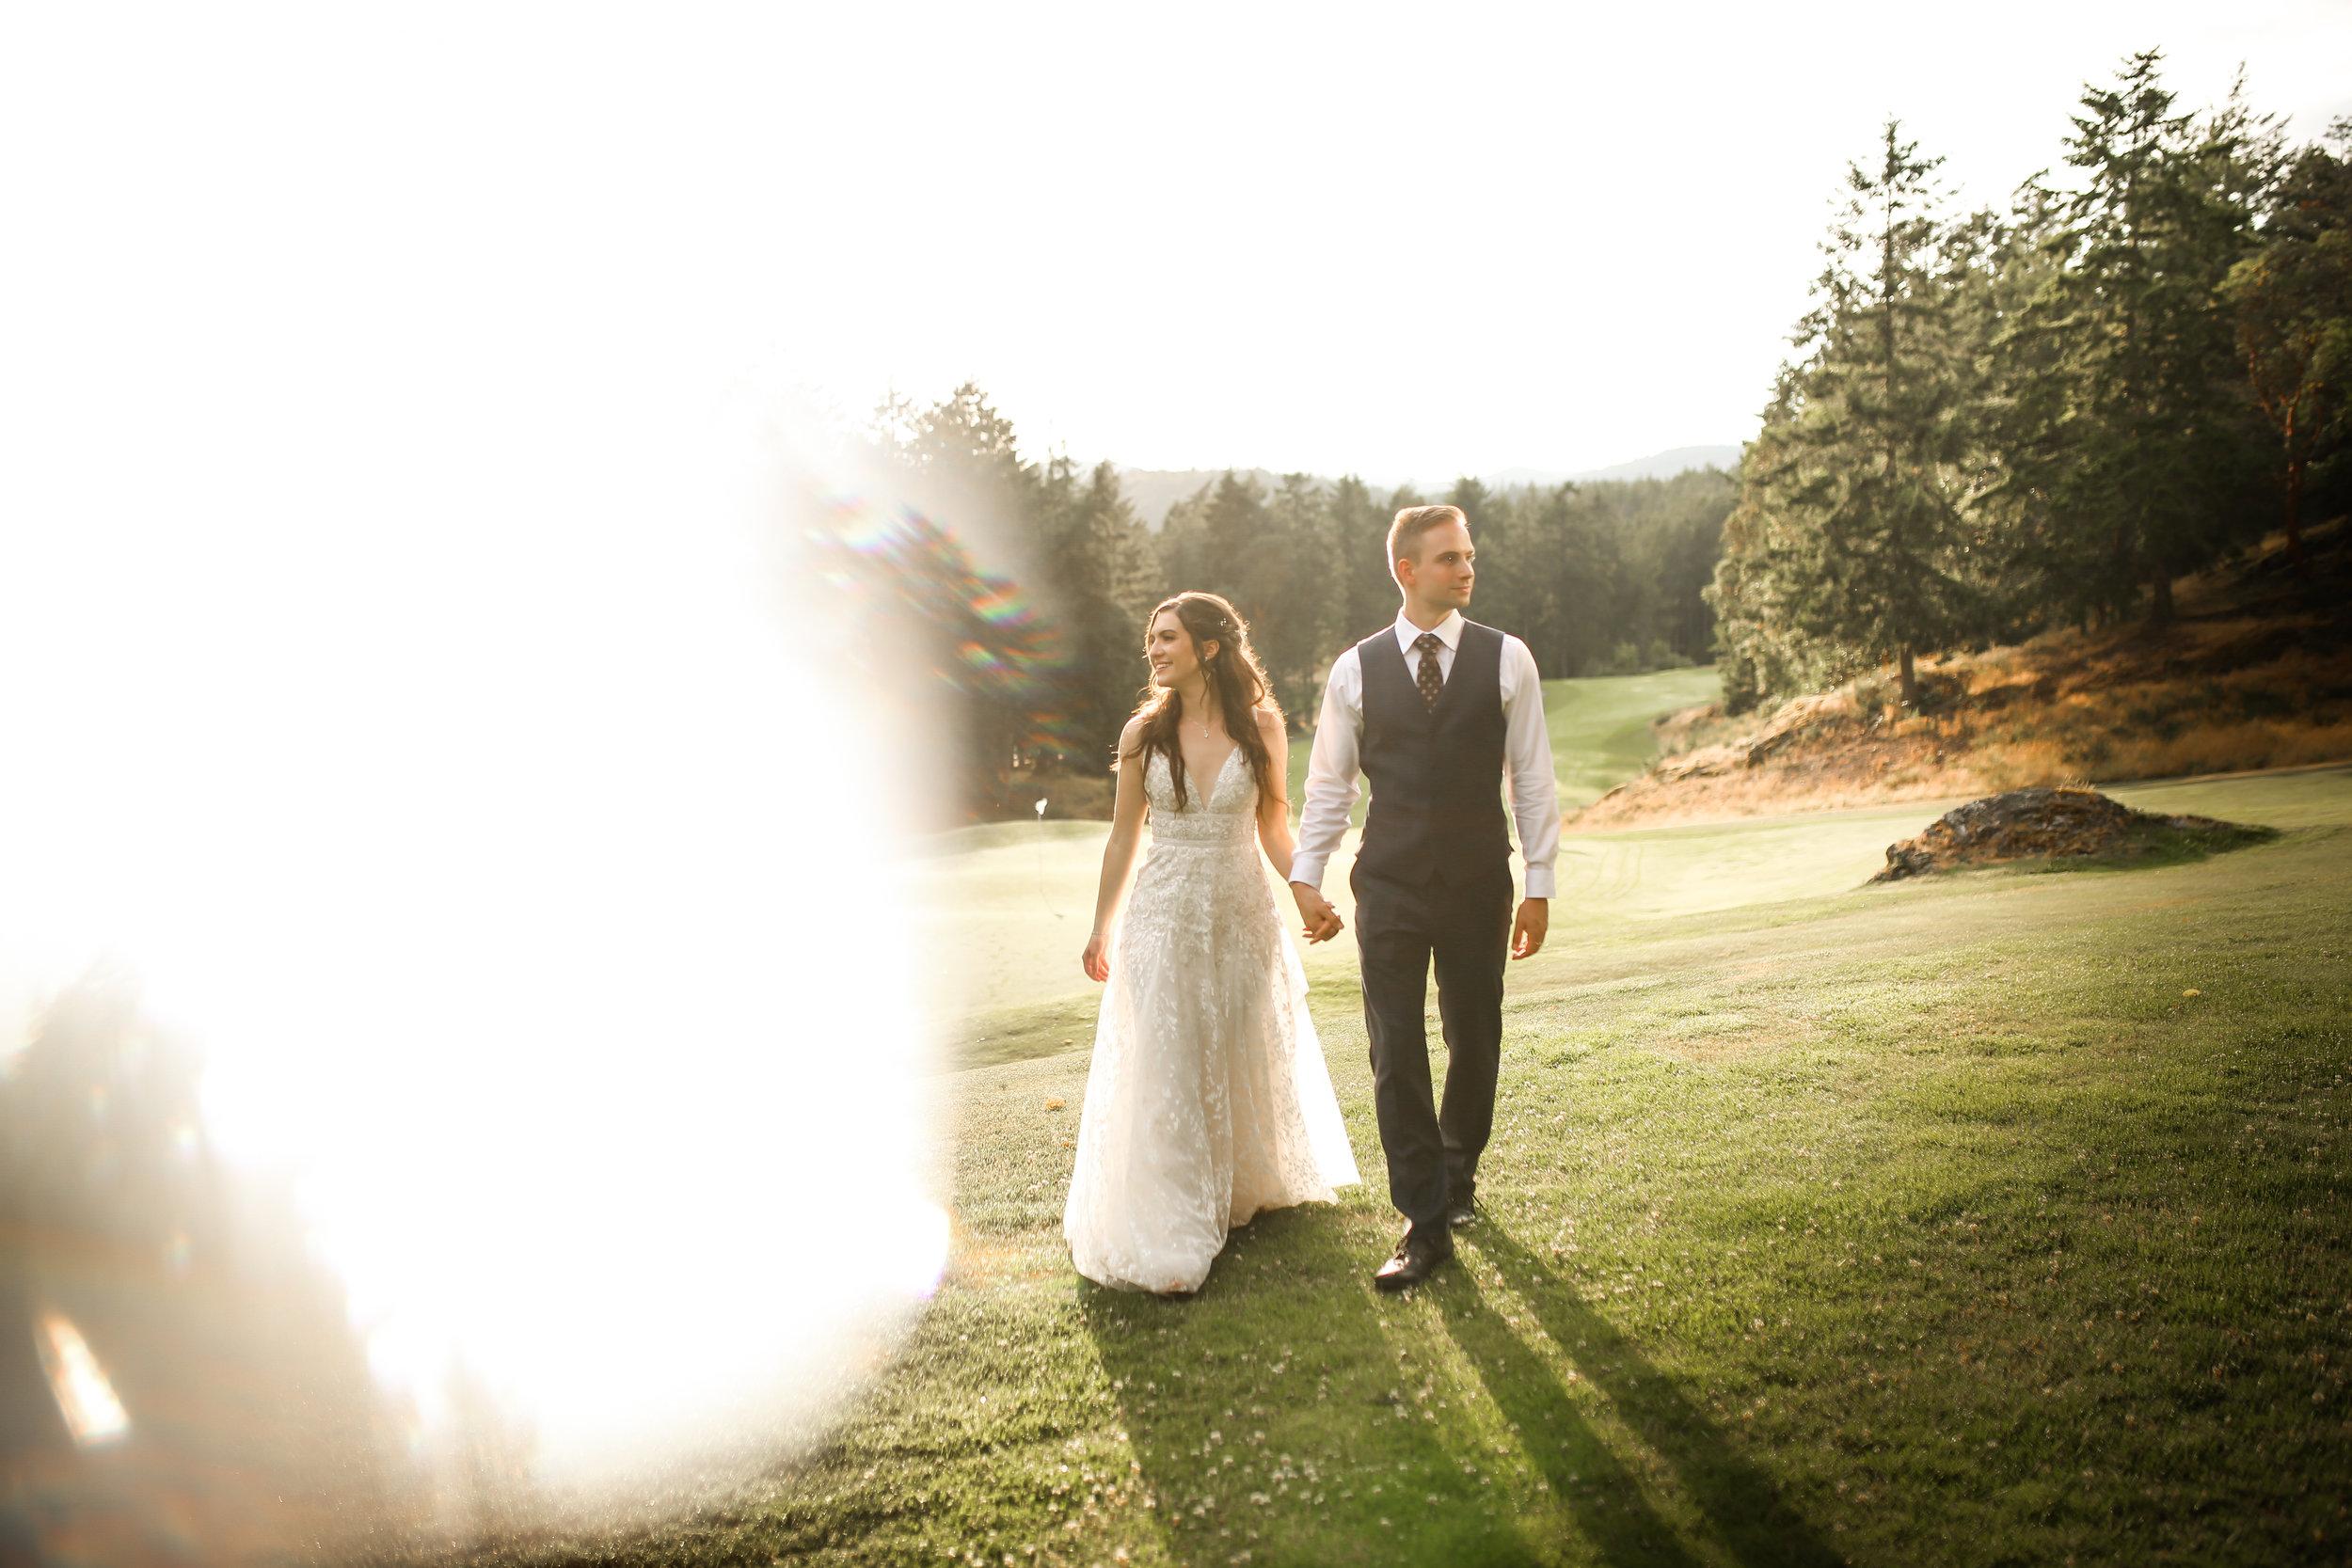 18 Adam Ziorio Photography - Allison & Austin's Wedding.jpg